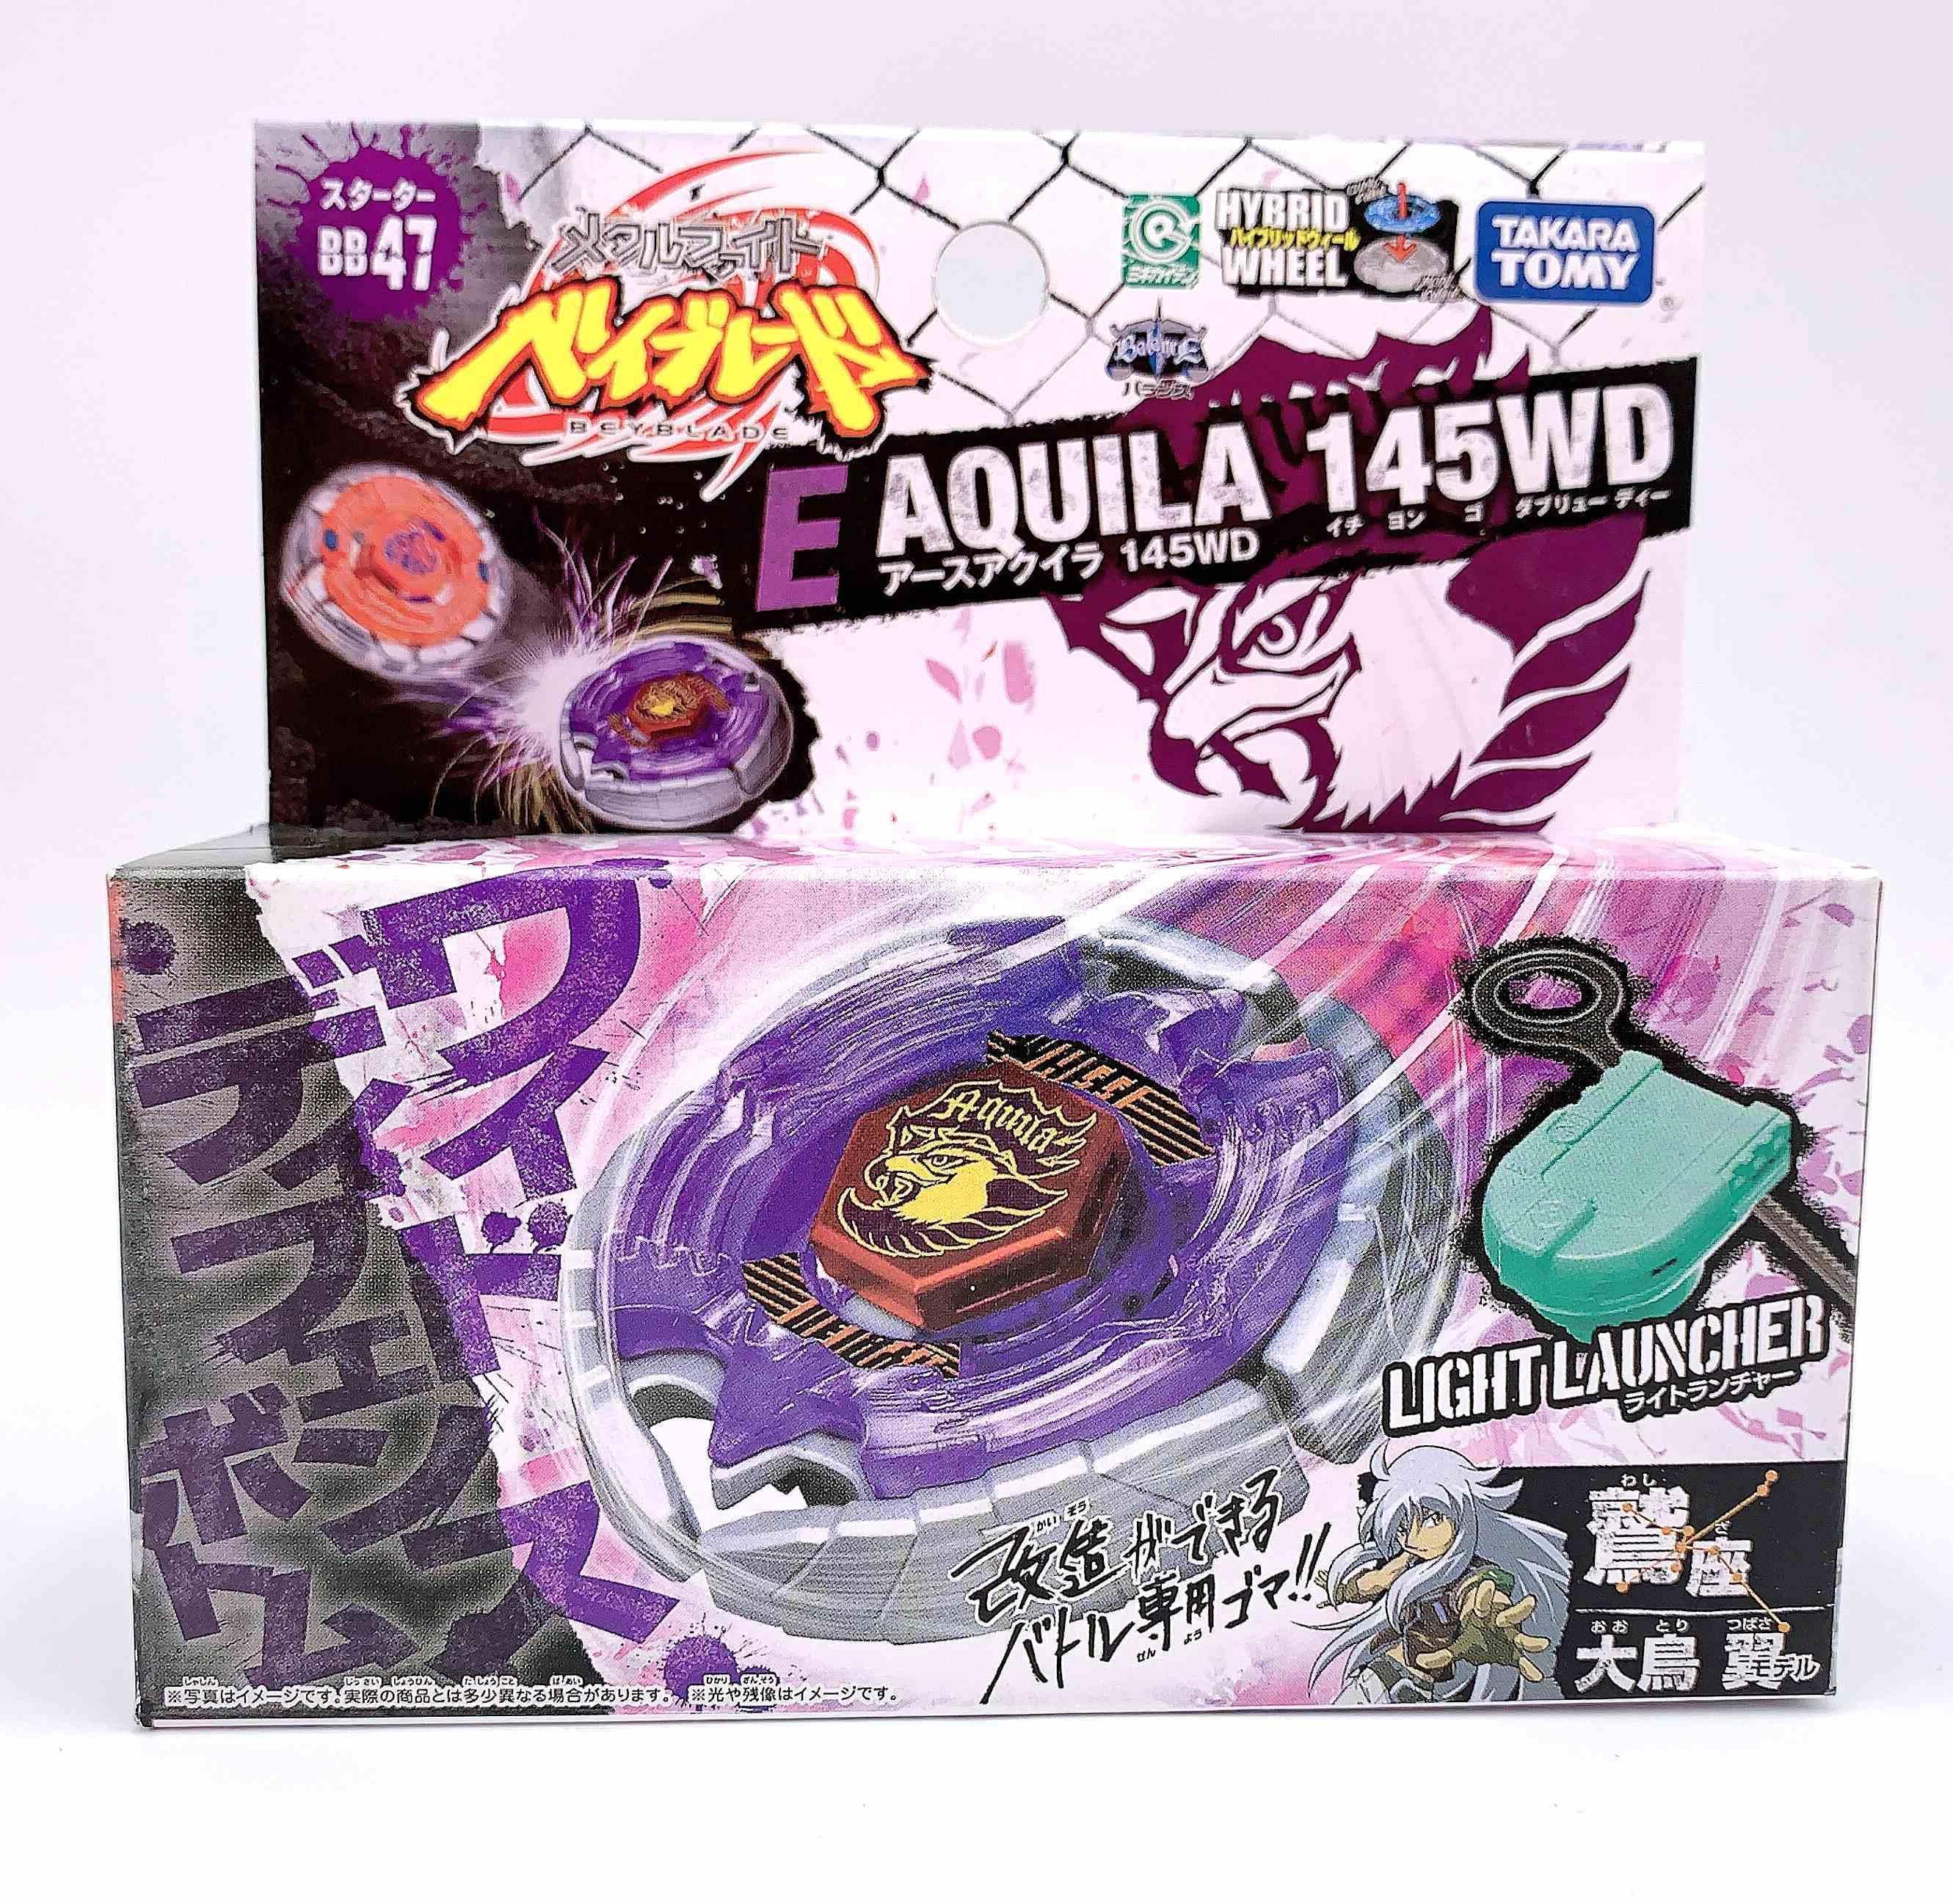 2020 Takara Tomy Japan Beyblade Fusion De Metales BB-47 Aguila Tierra Aquila 145WD Lanzador كما لعب الأطفال Y1130